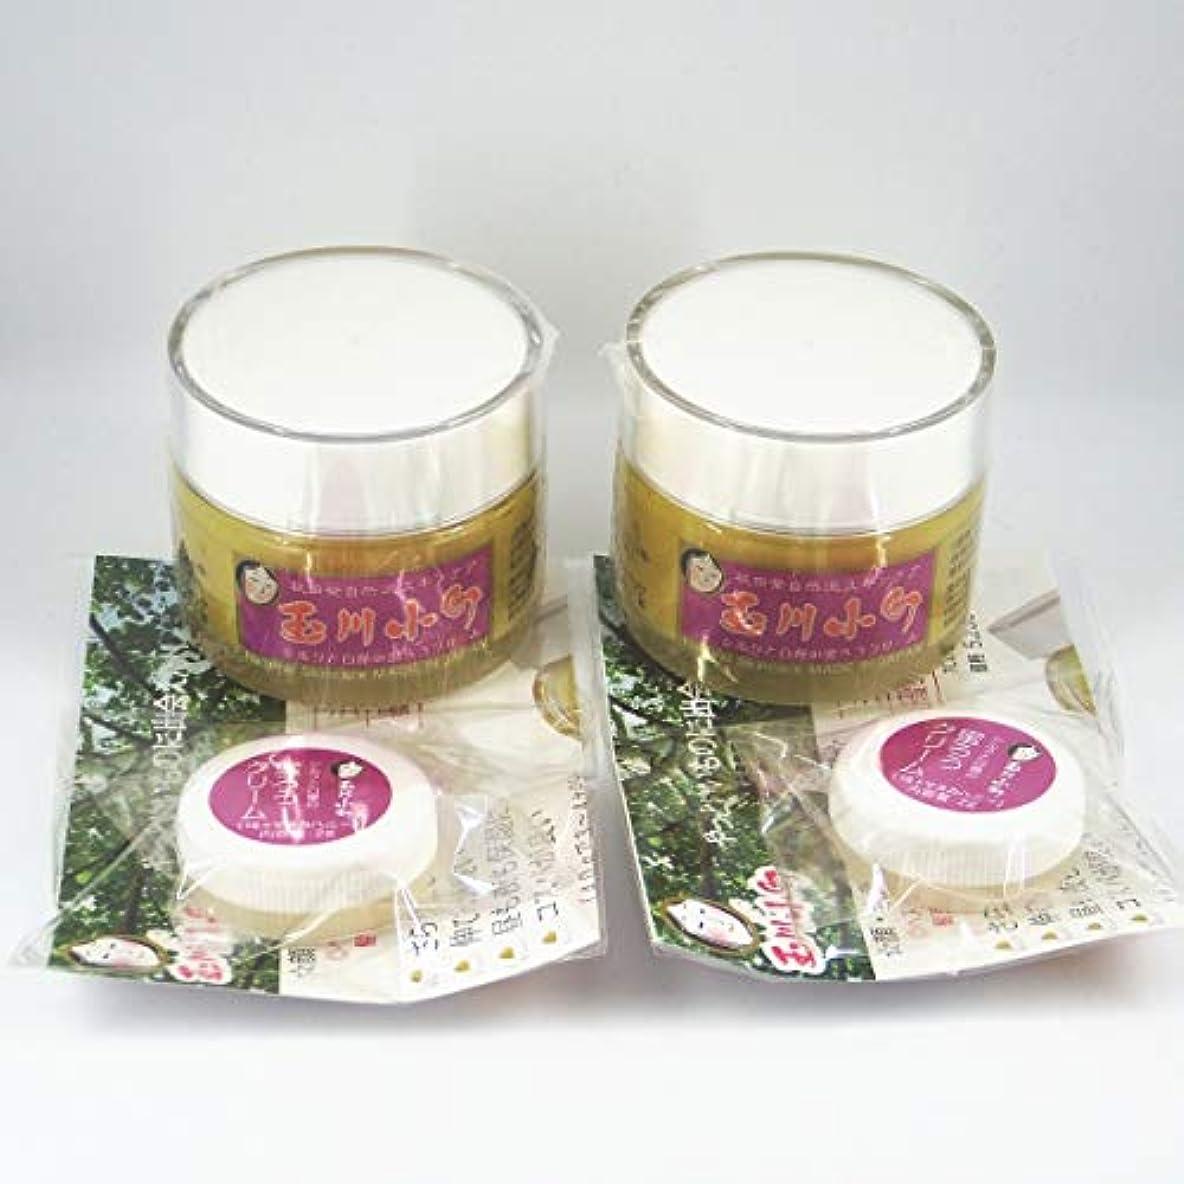 ポルトガル語統合思い出す玉川小町シルクと白樺の蜜ろうクリーム 2g×2個付お得セット